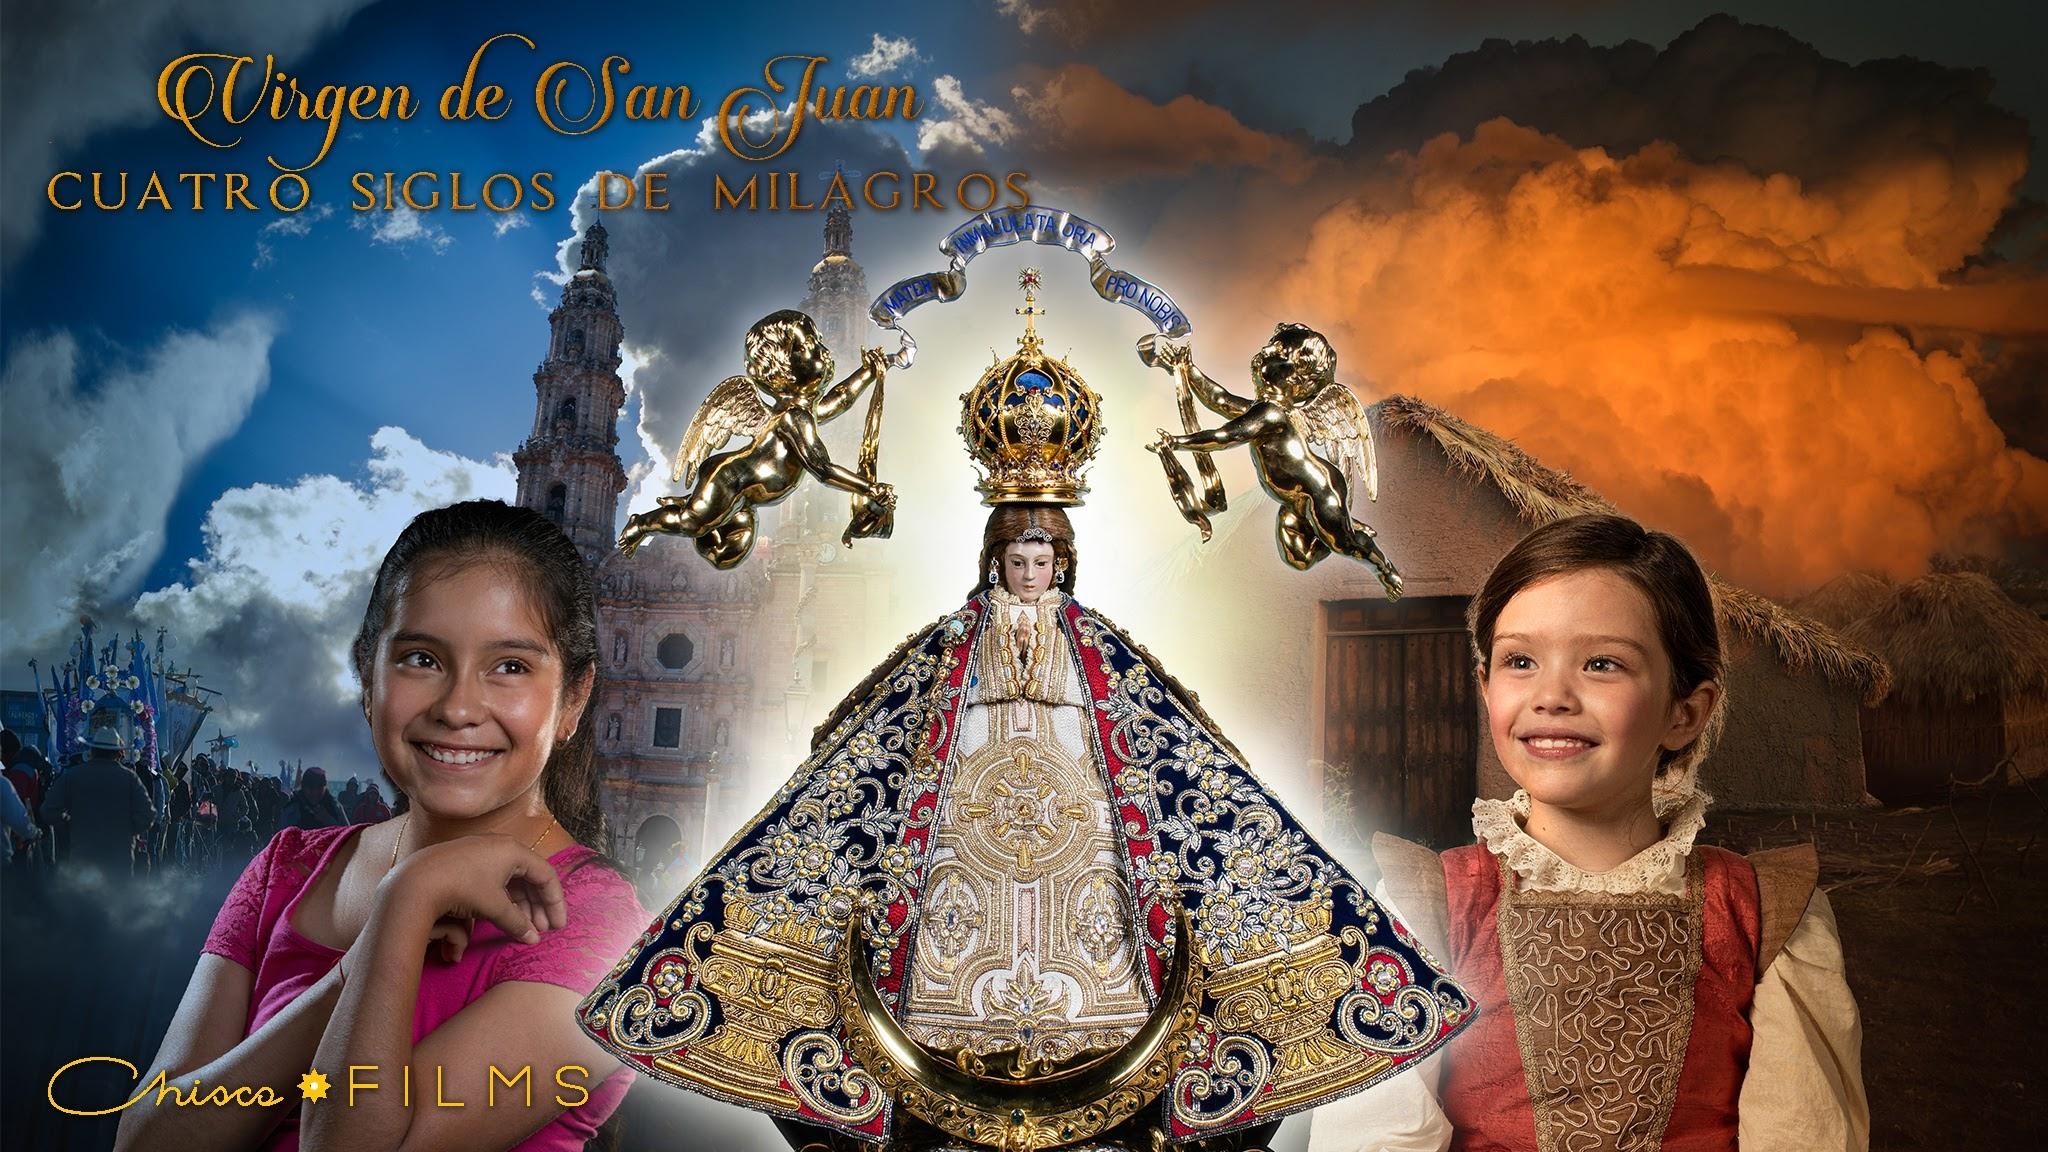 Virgen de San Juan Cuatro Siglos de Milagros